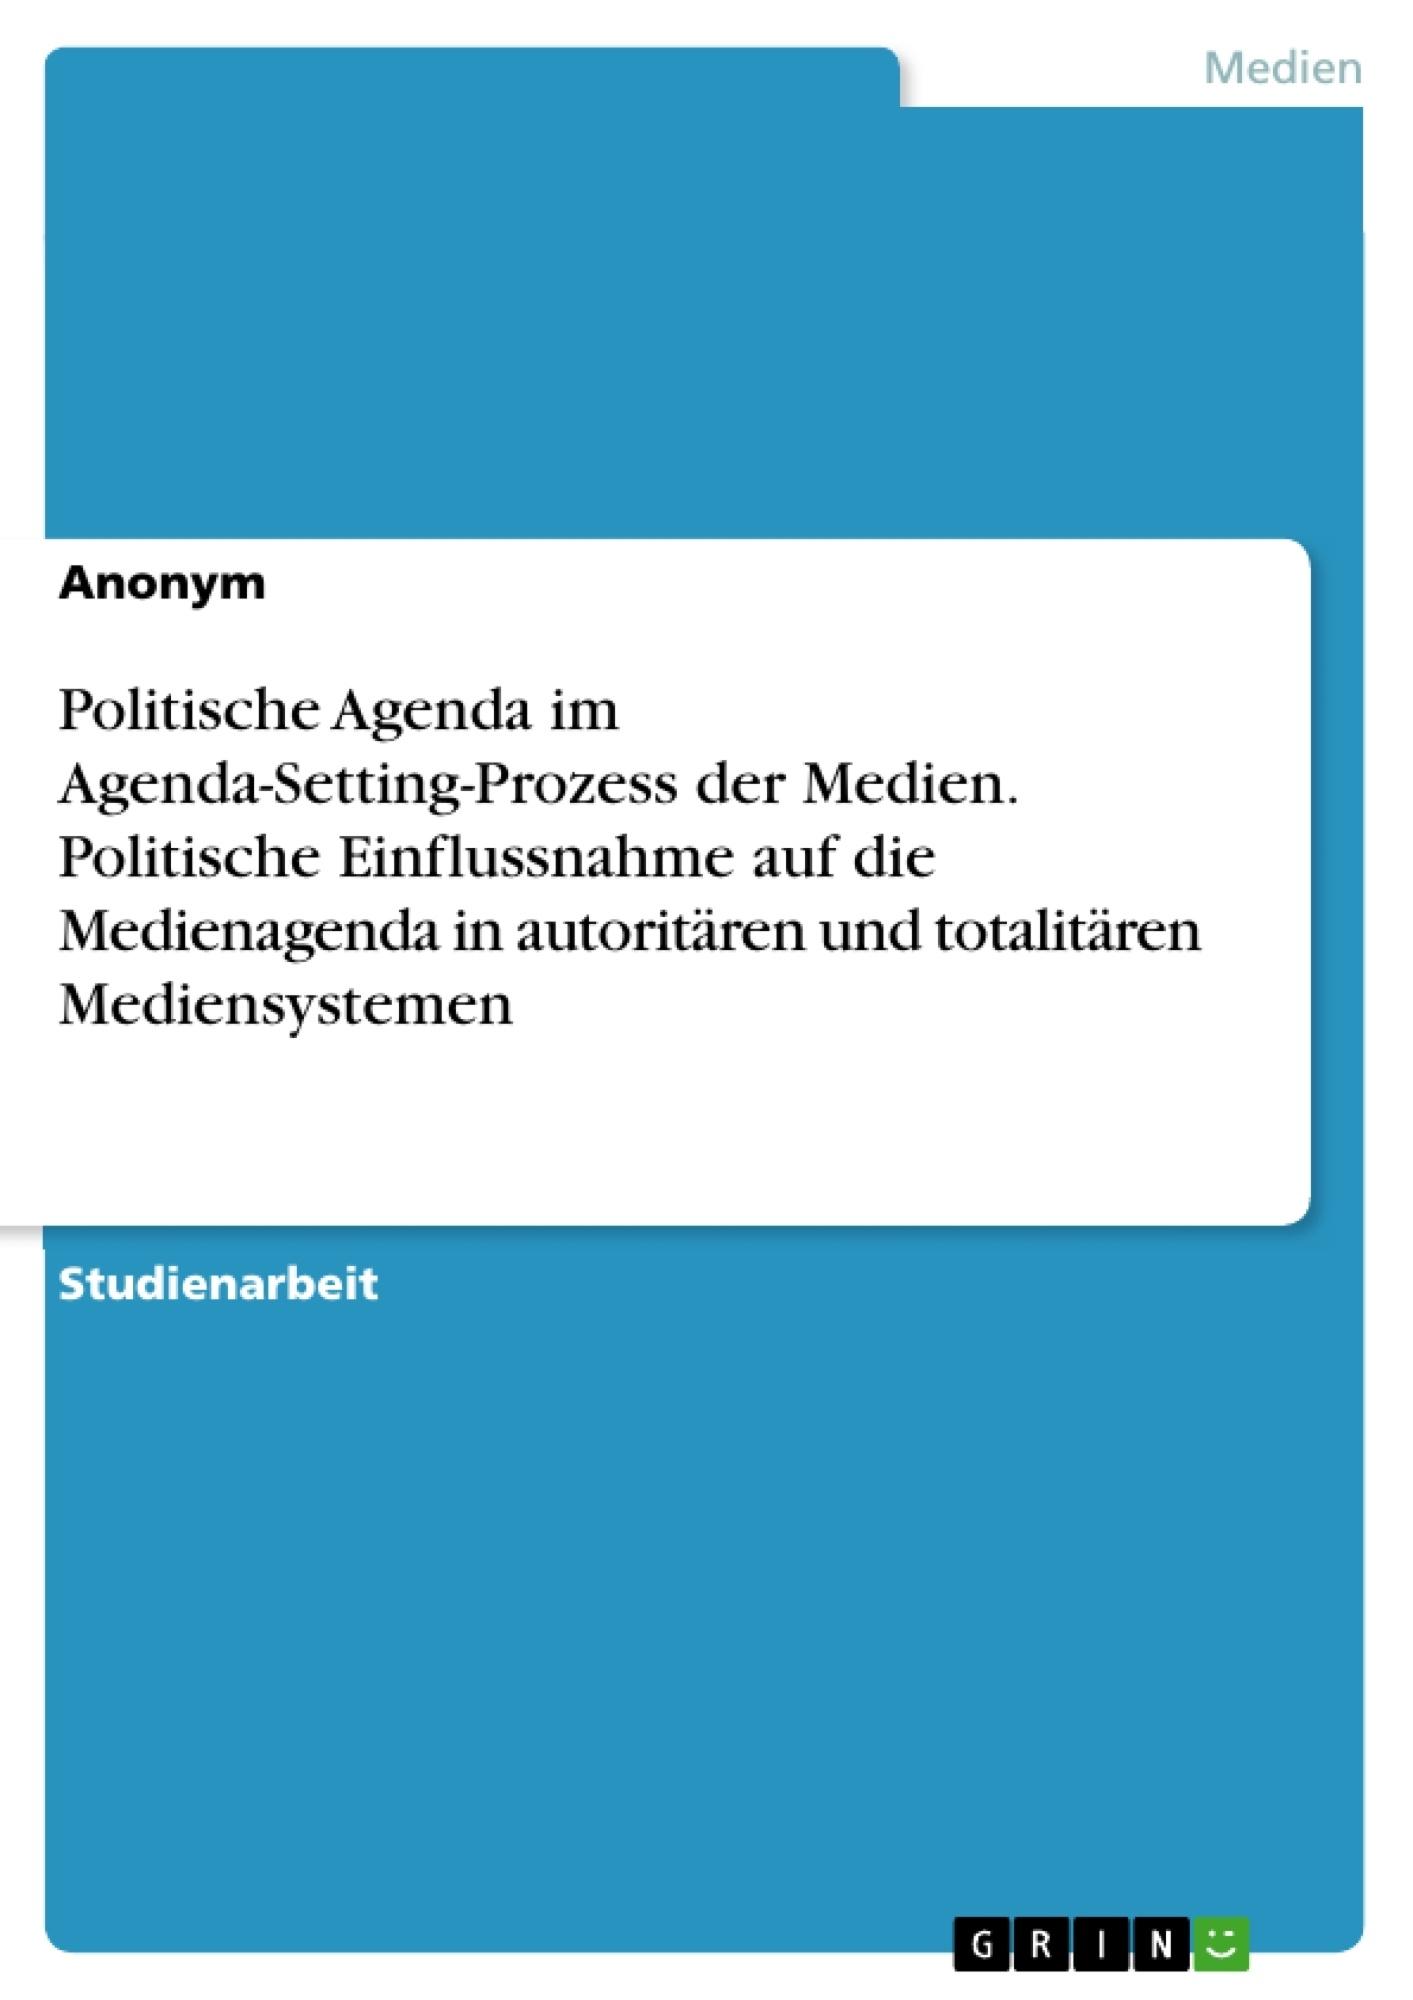 Titel: Politische Agenda im Agenda-Setting-Prozess der Medien. Politische Einflussnahme auf die Medienagenda in autoritären und totalitären Mediensystemen